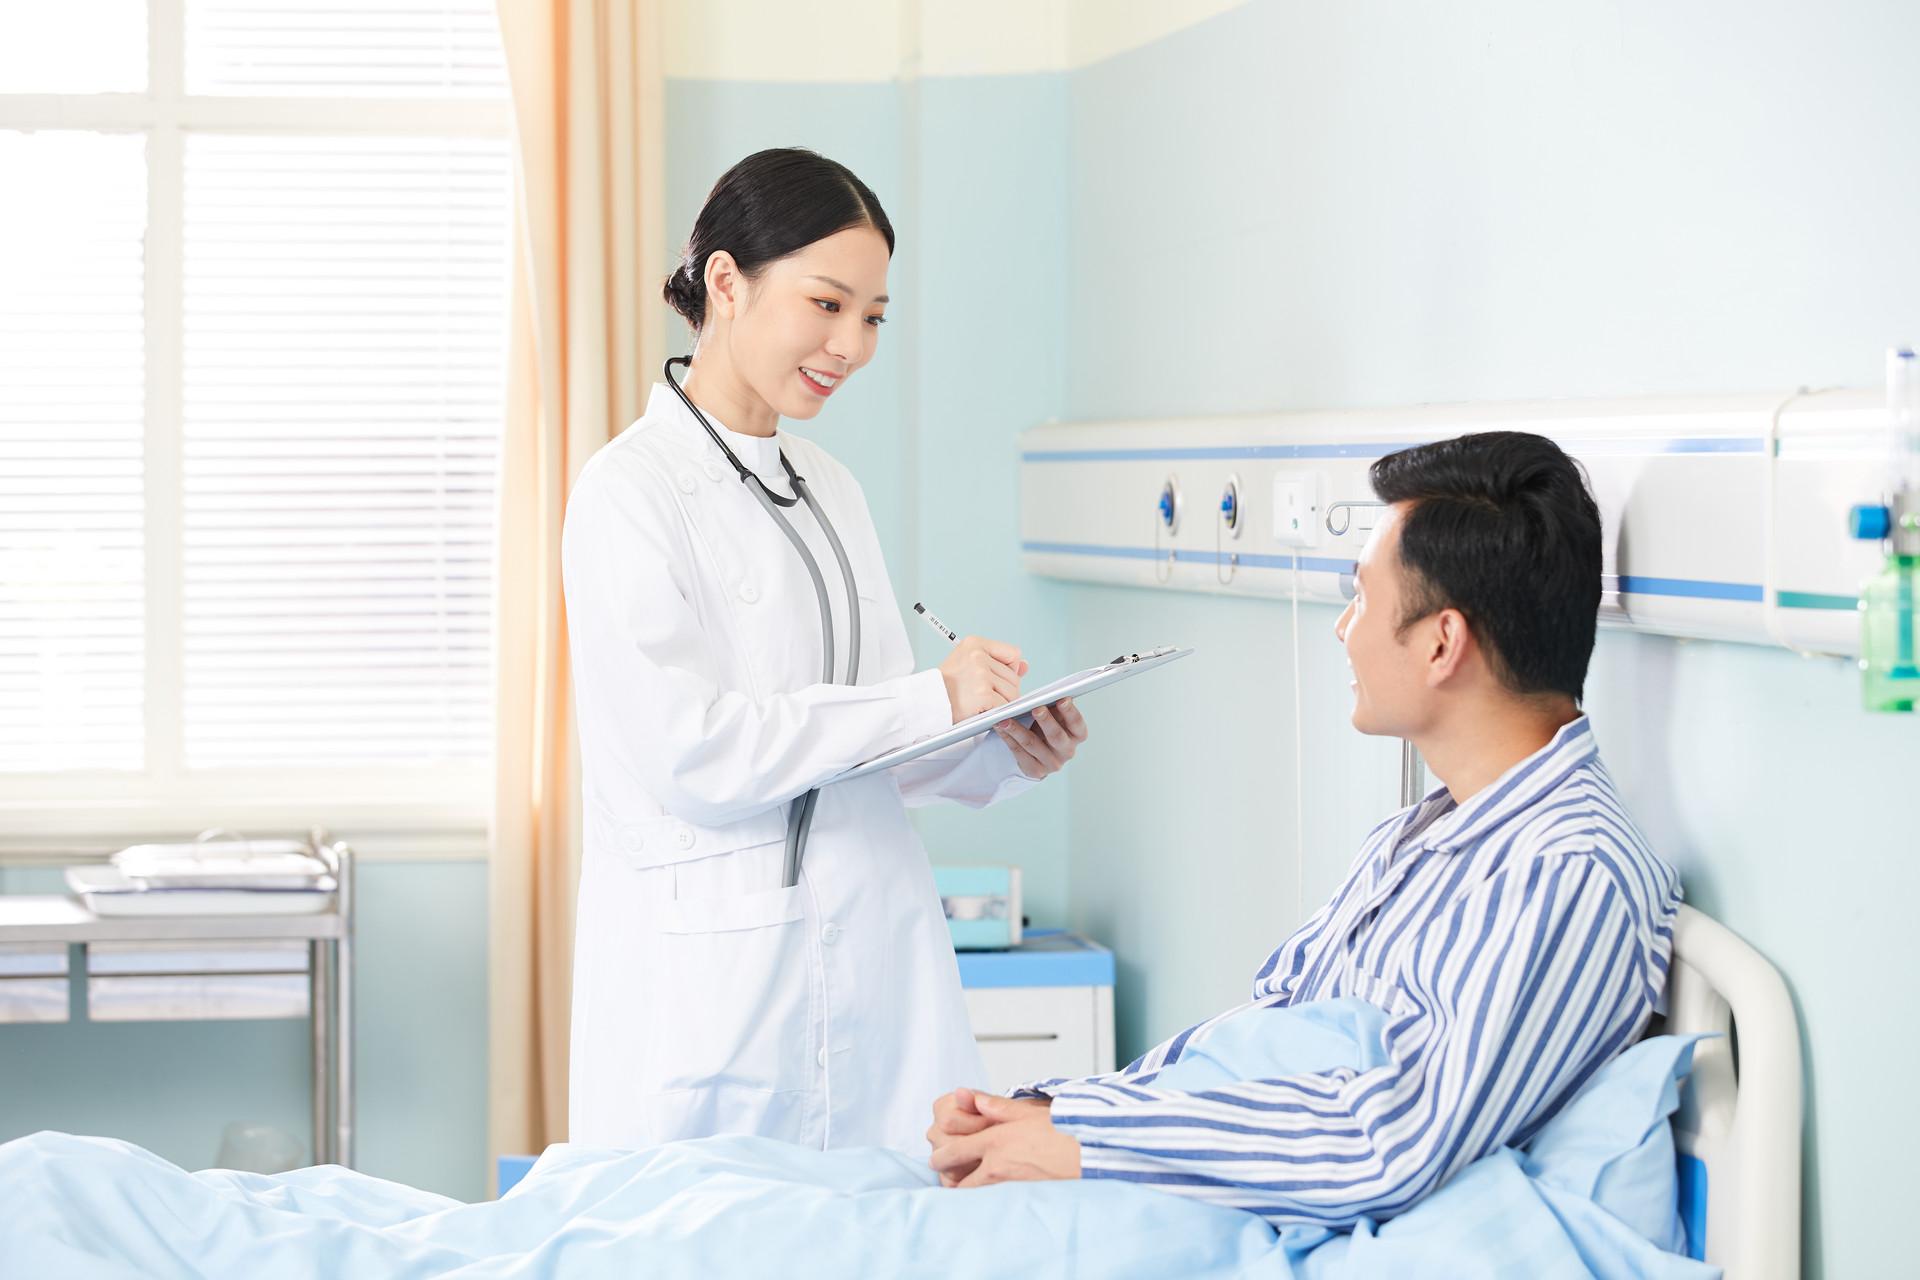 住院医疗险有必要买吗?